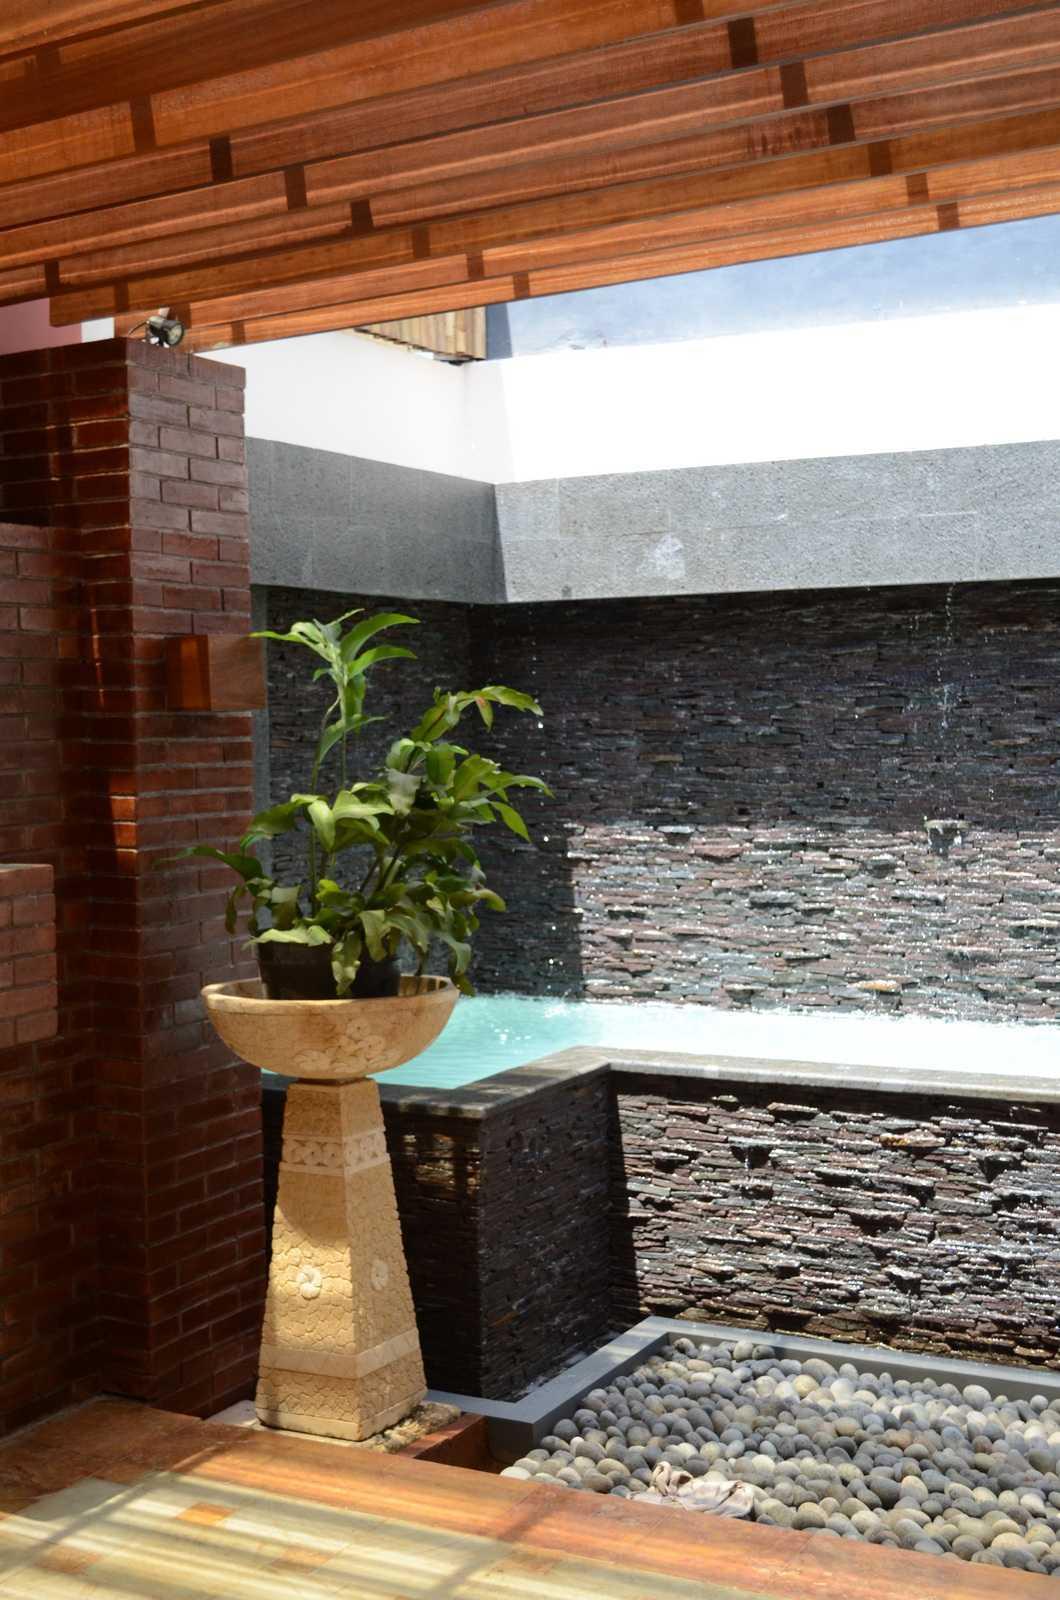 X3M Architects Nittaya A3 12 House Bsd, Tangerang Bsd, Tangerang Dsc0603 Tropis  28204